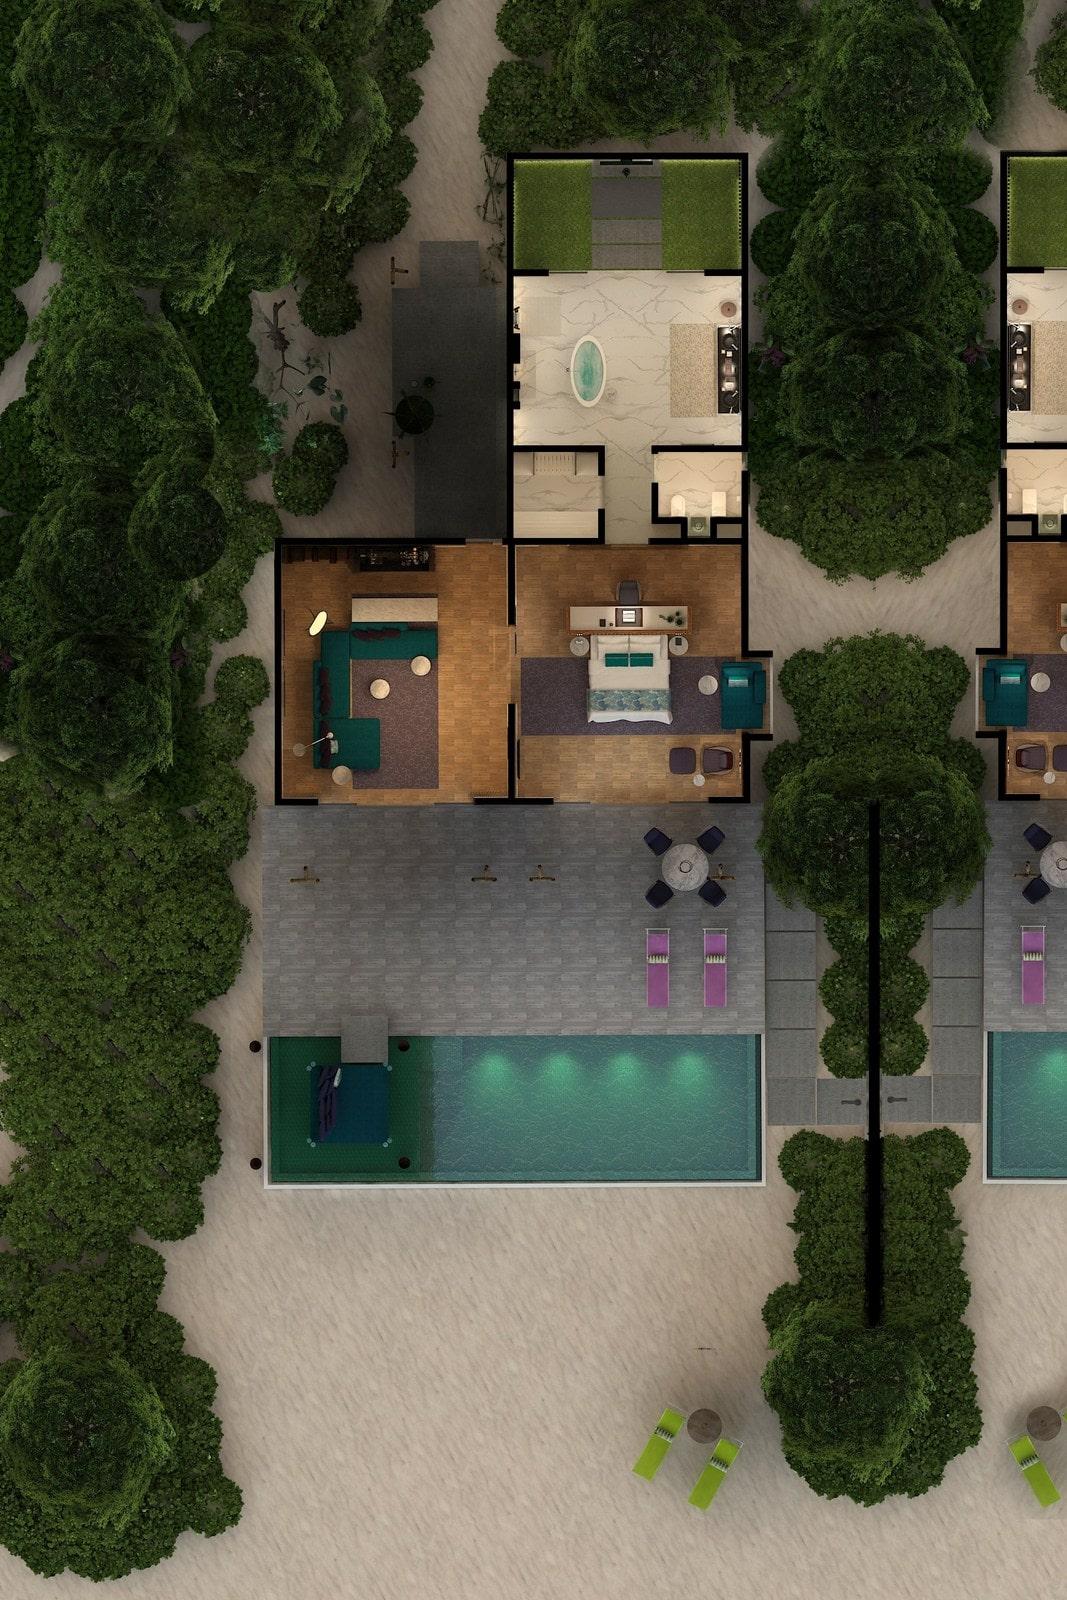 Мальдивы, отель Emerald Maldives Resort & Spa, план-схема номера Superior Beach Villa with Pool